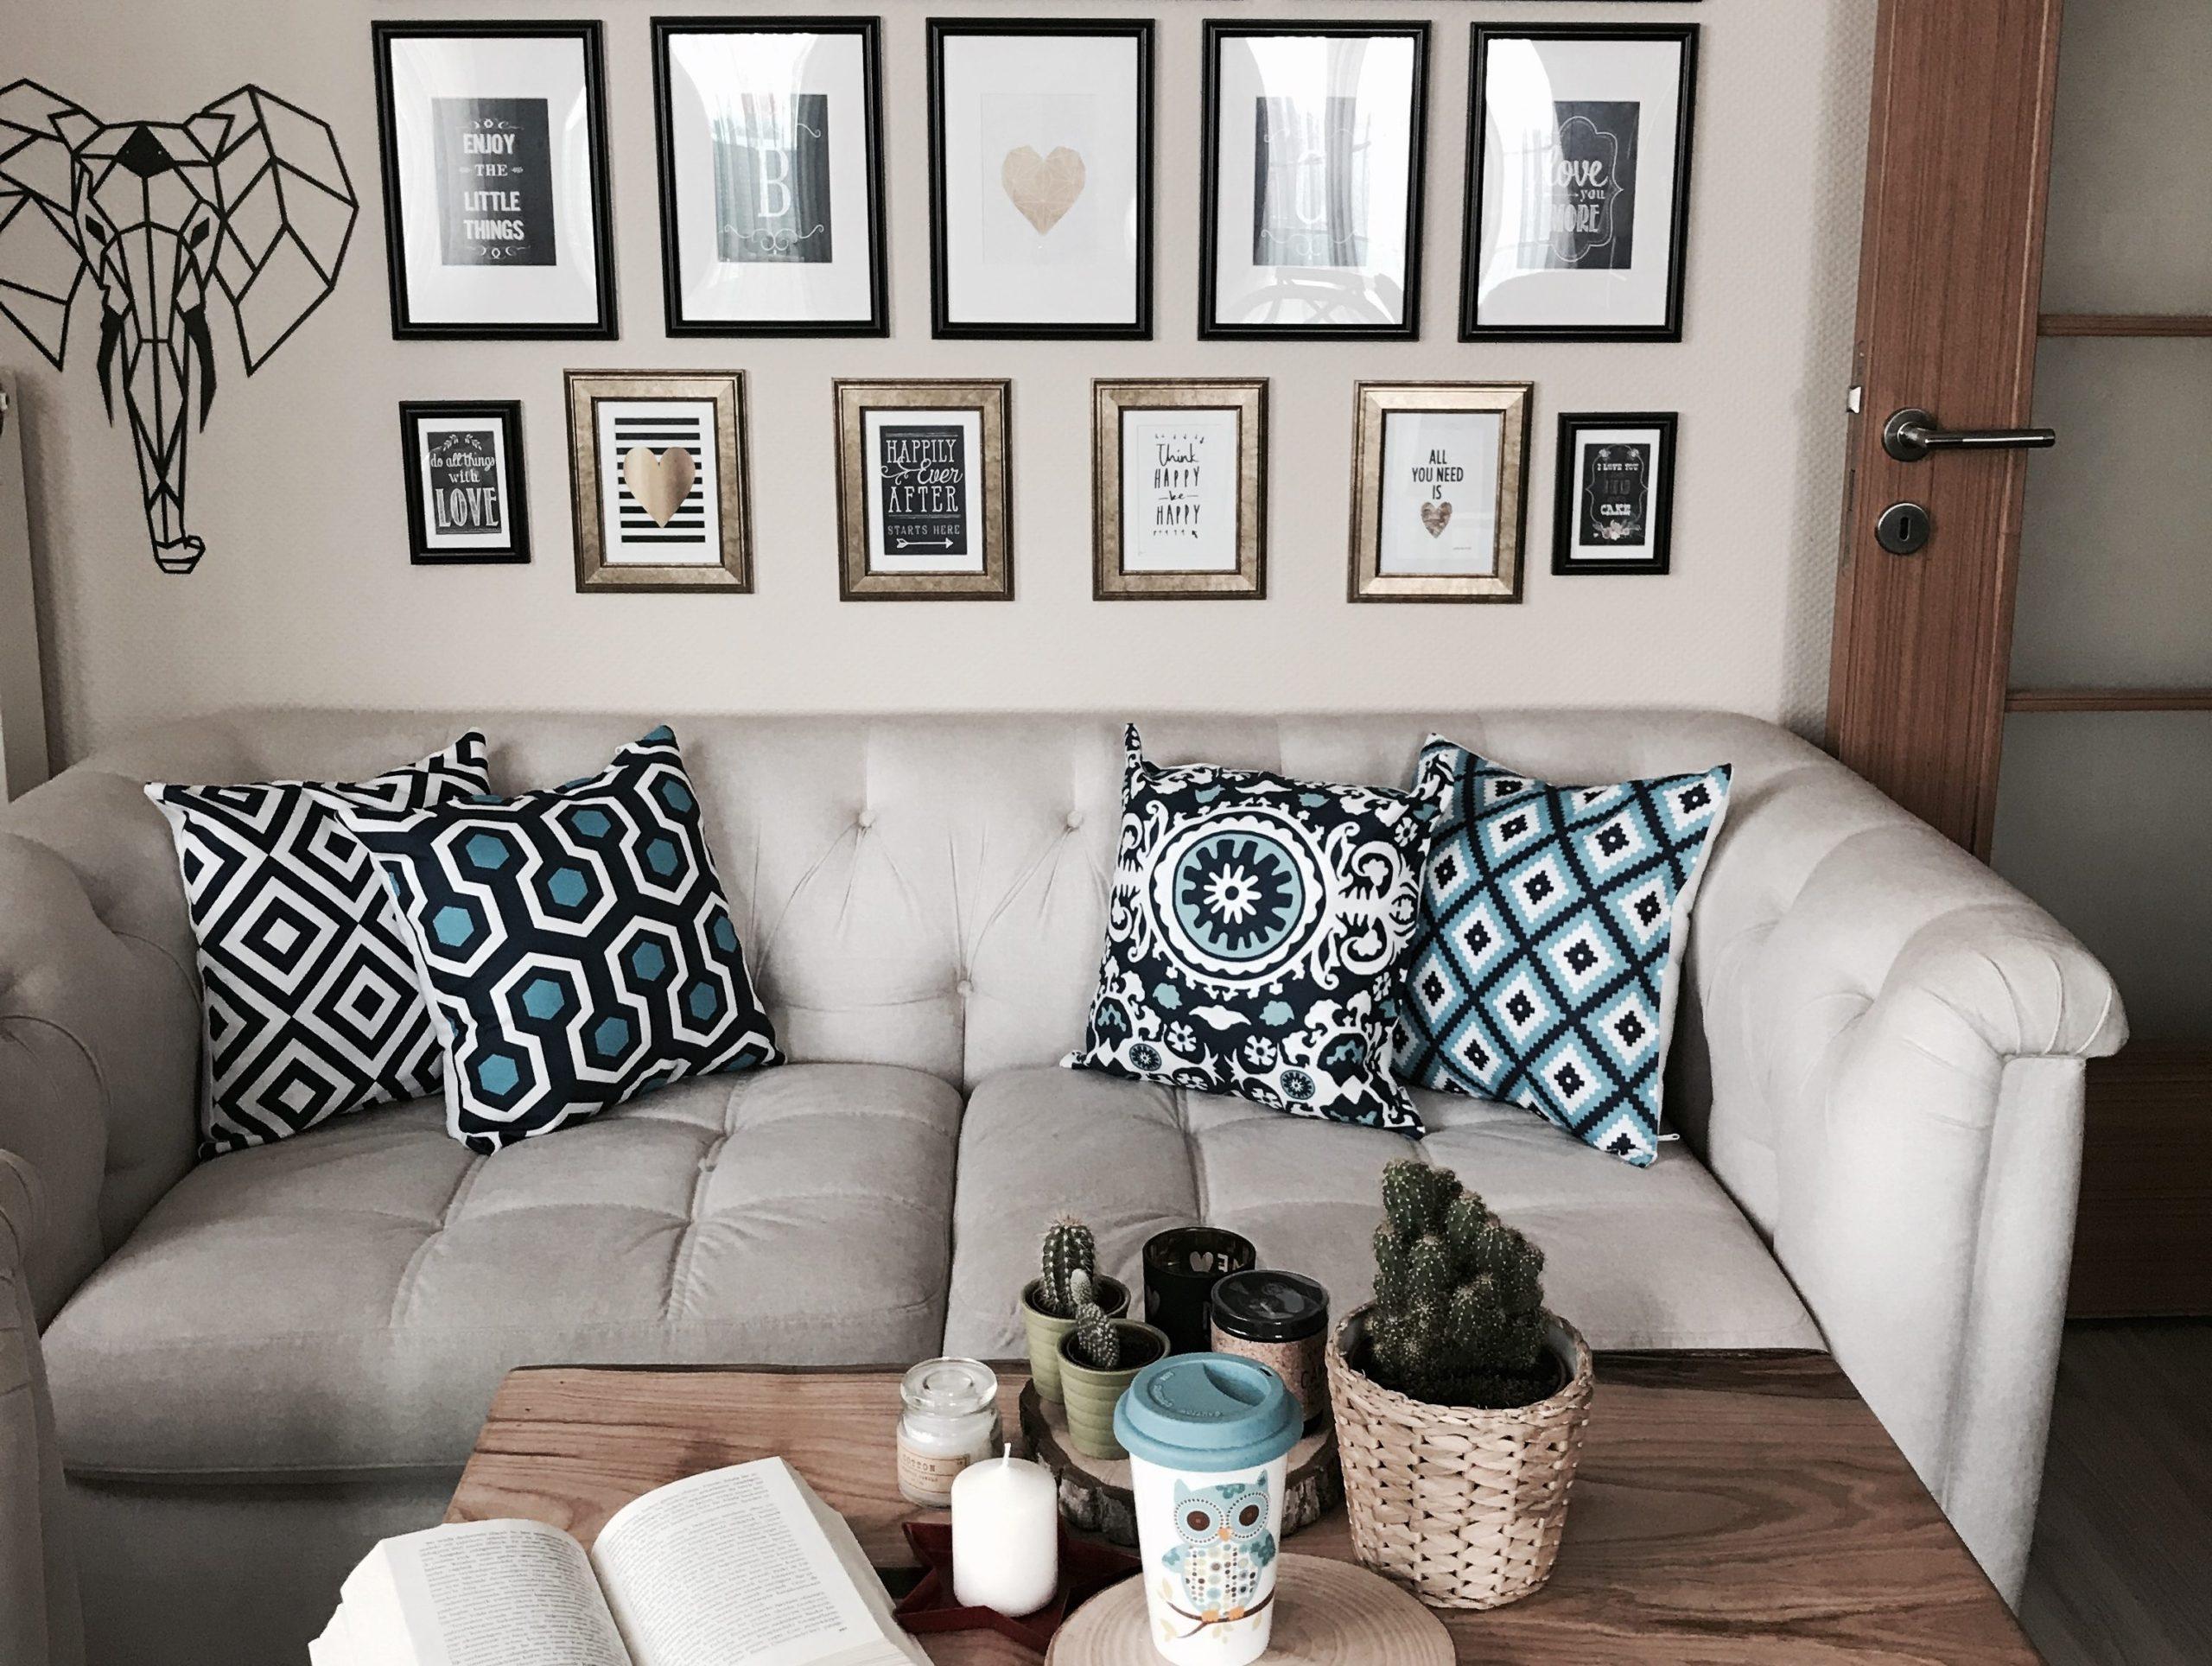 Ceylan Büyükbayrak'ın Ev Dekorasyonu Nasıl? – #BloggerEvleri